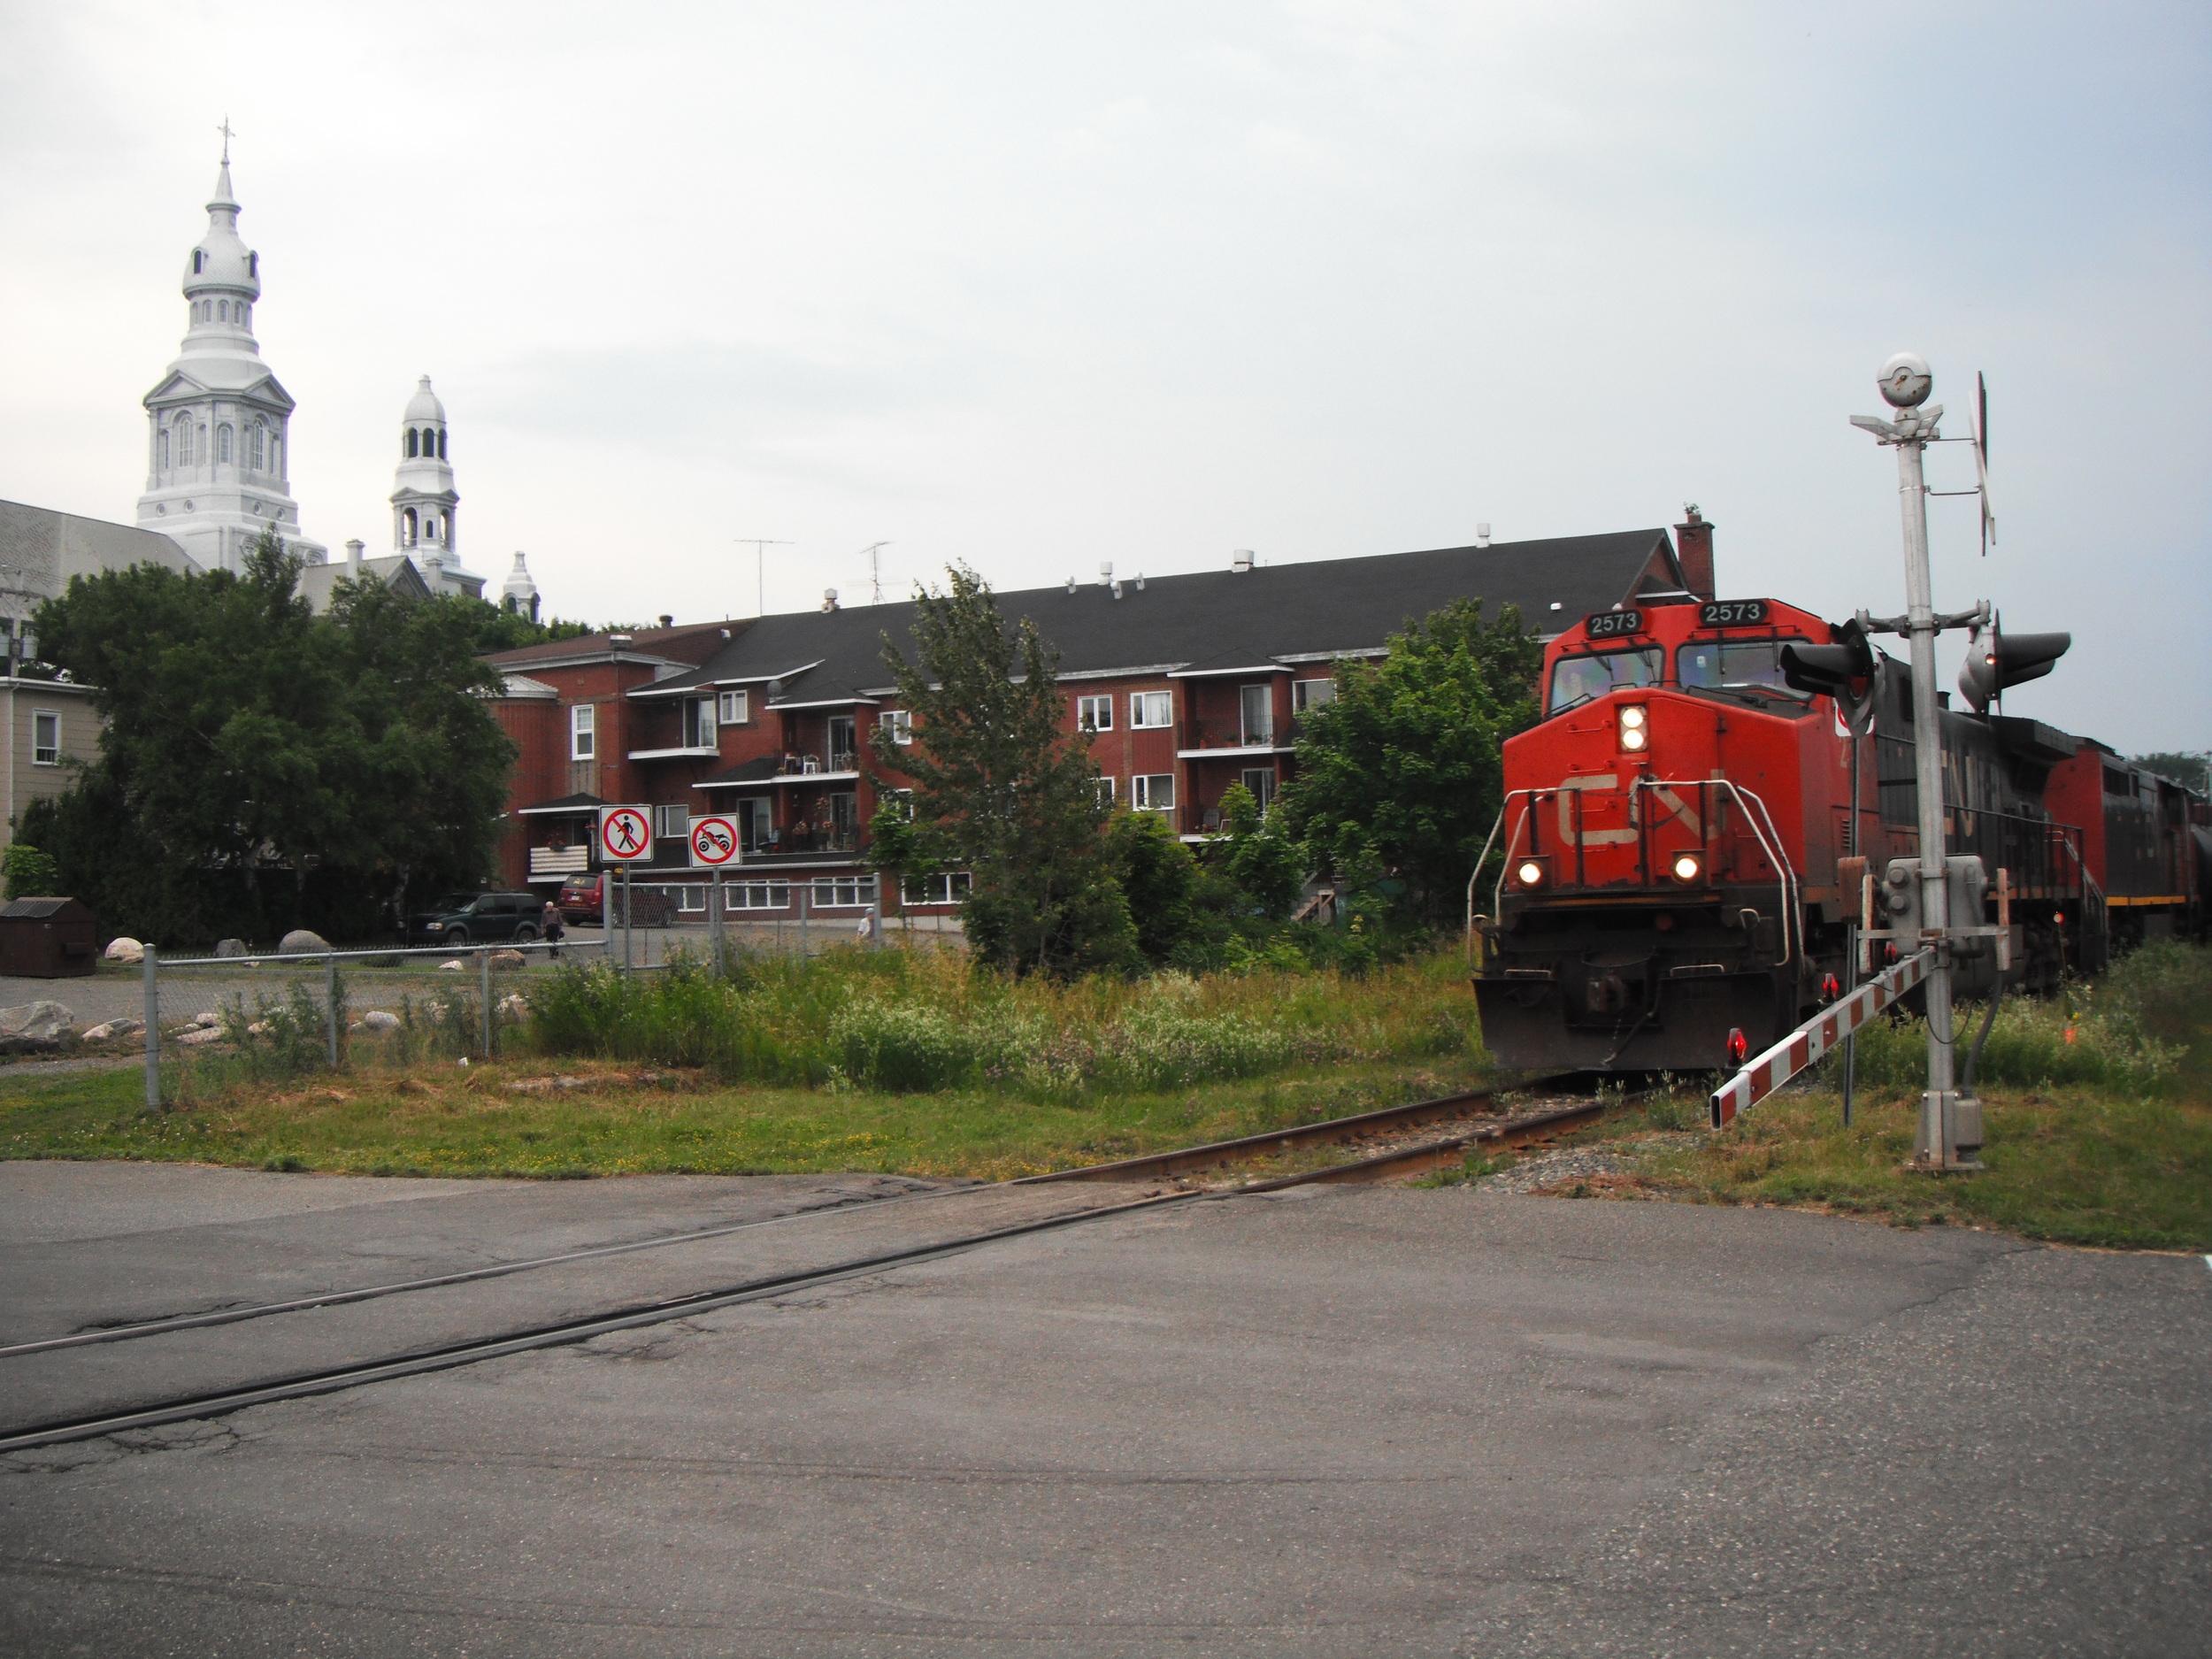 DSCF9747.JPG